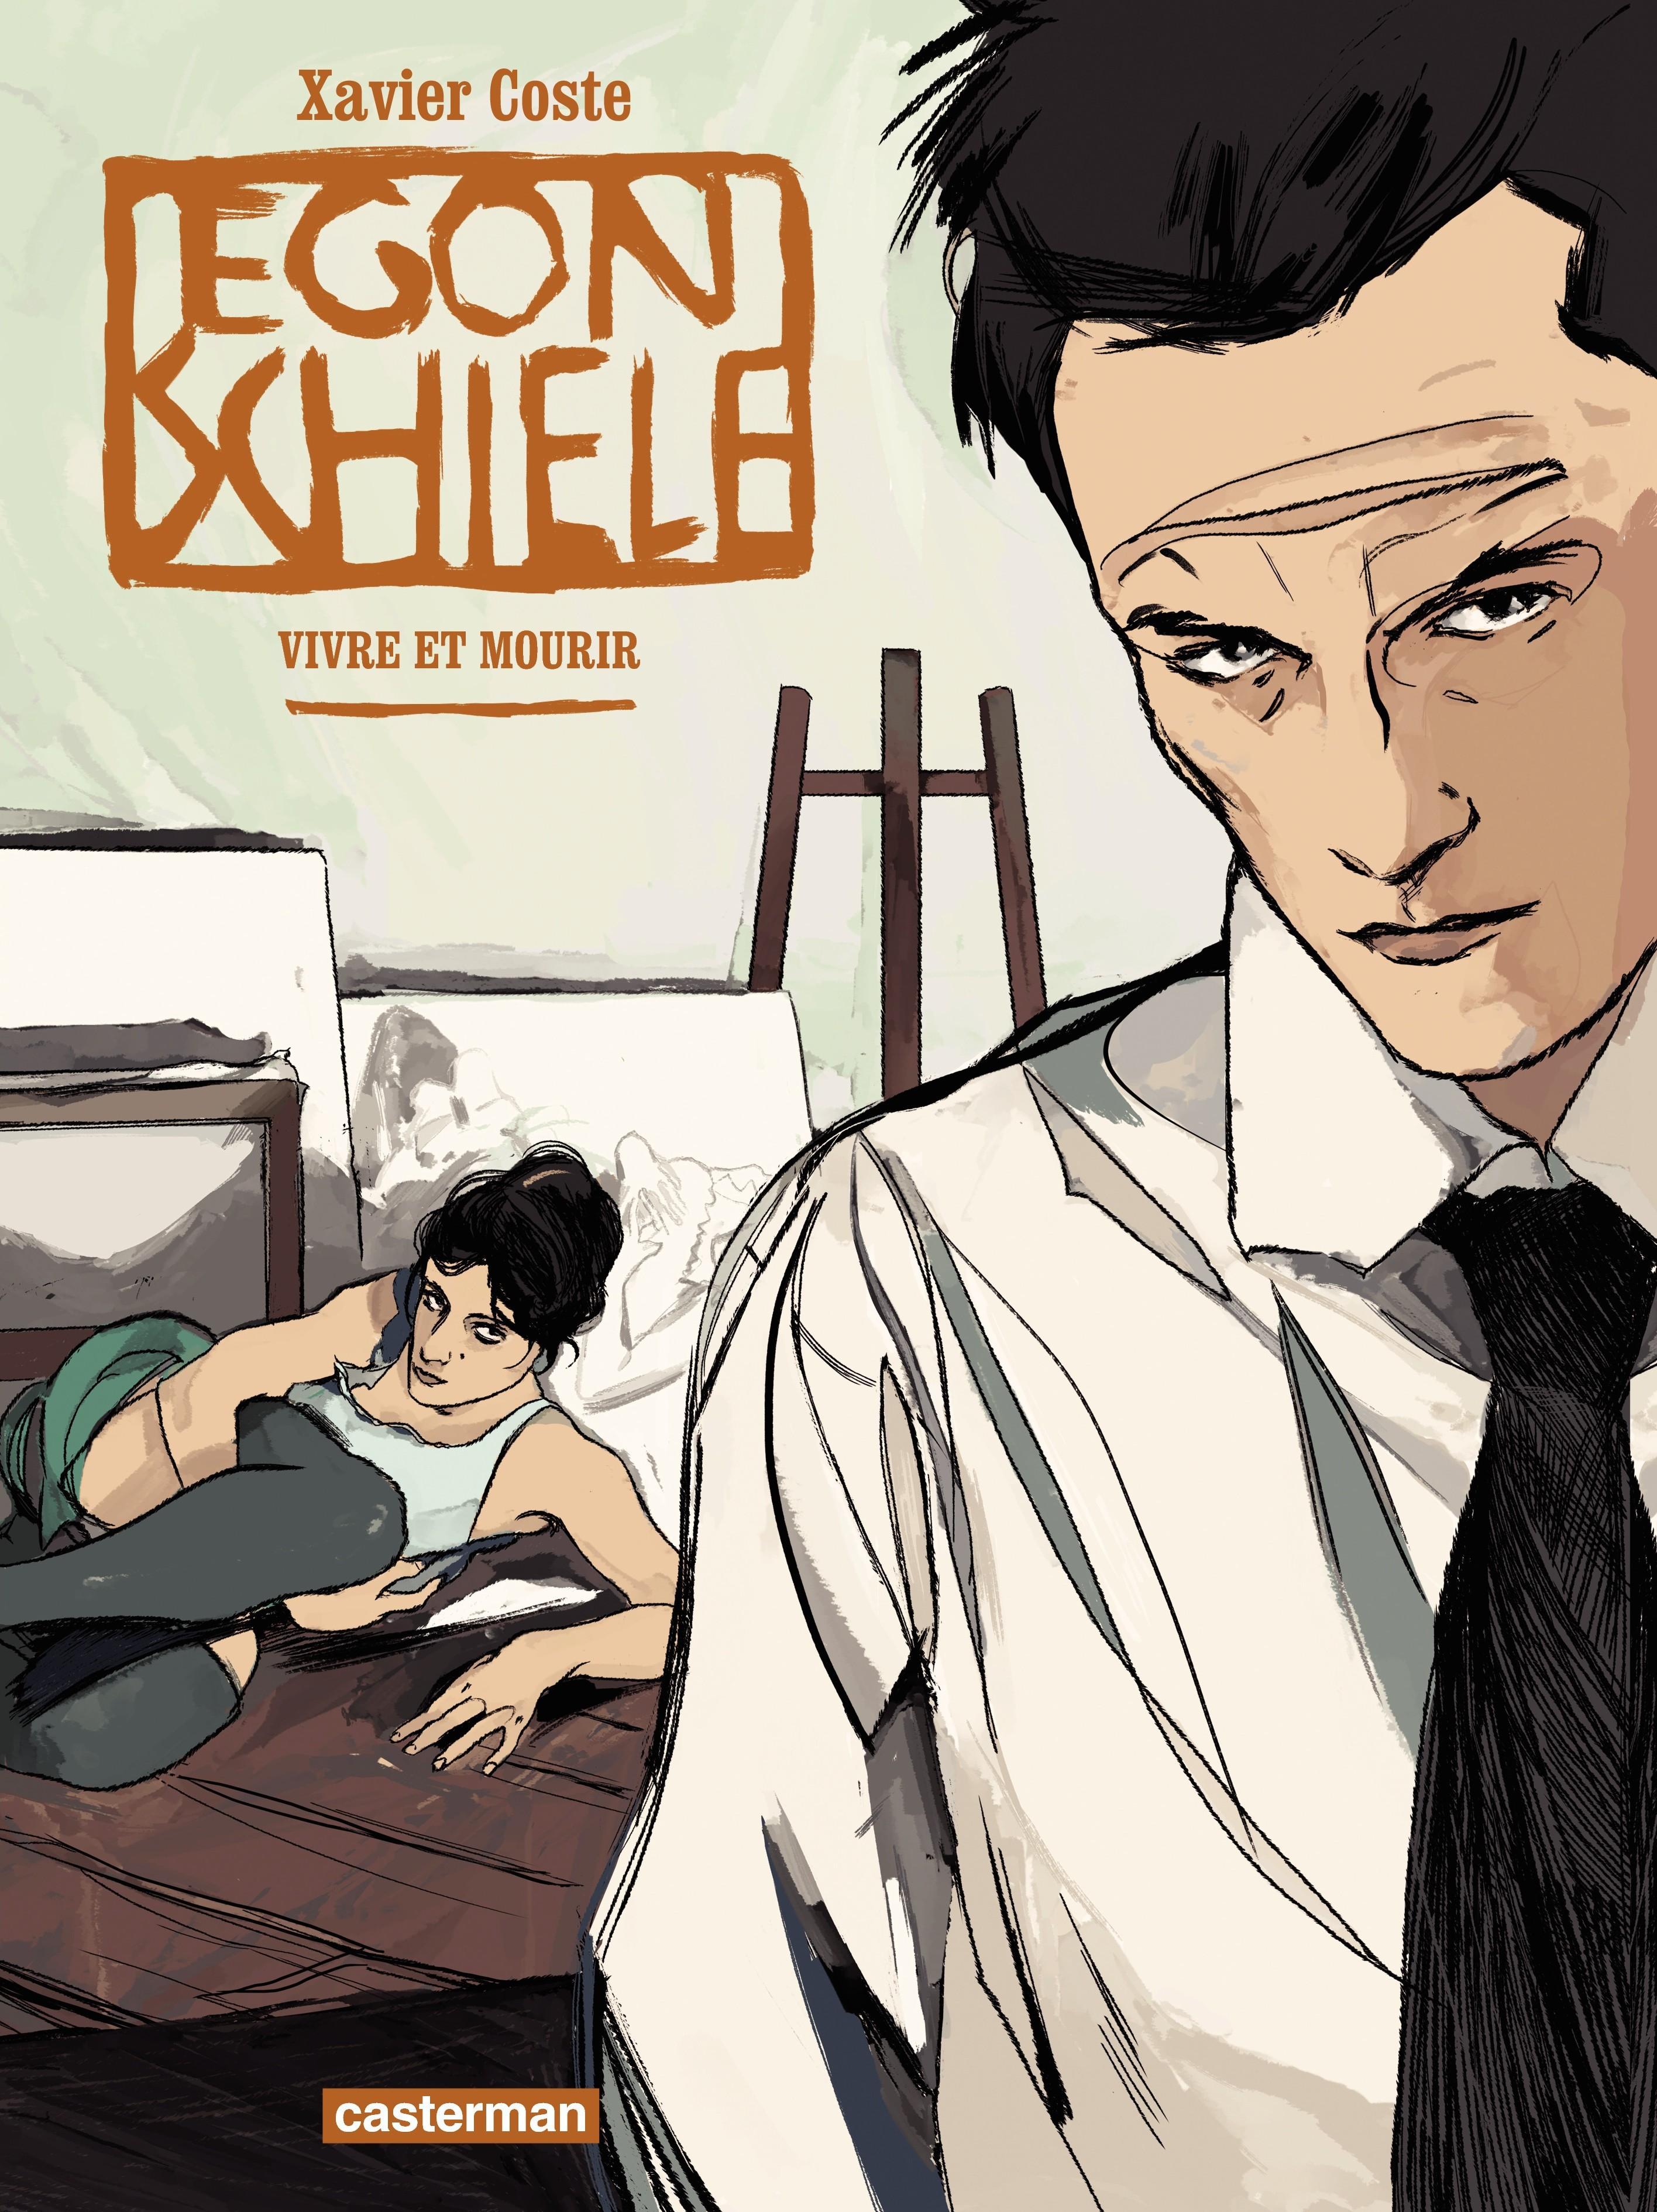 Egon Schiele | Coste, Xavier